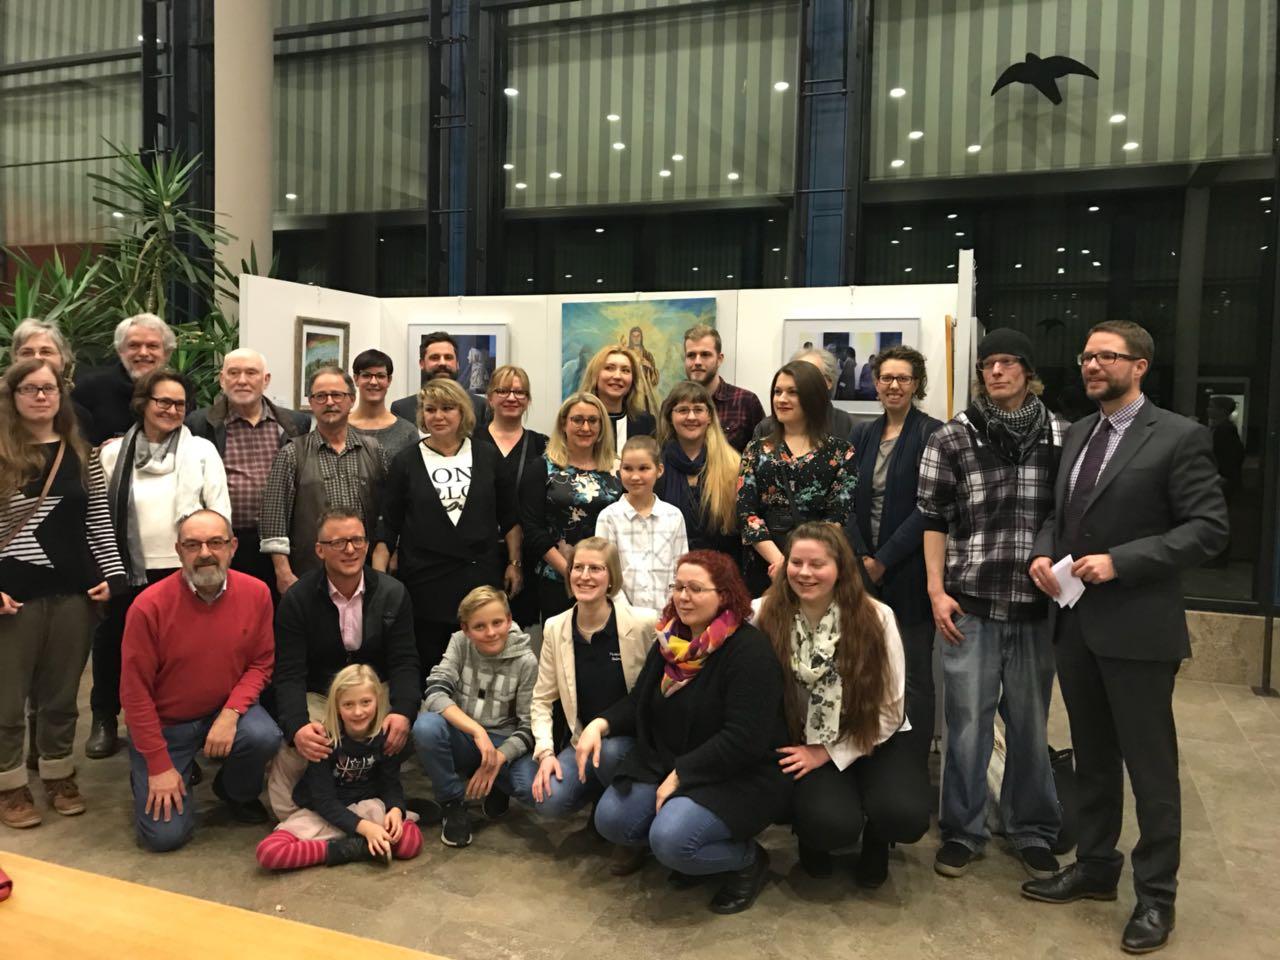 Eröffnung der Passions-Ausstellung im Main-Kinzig-Forum